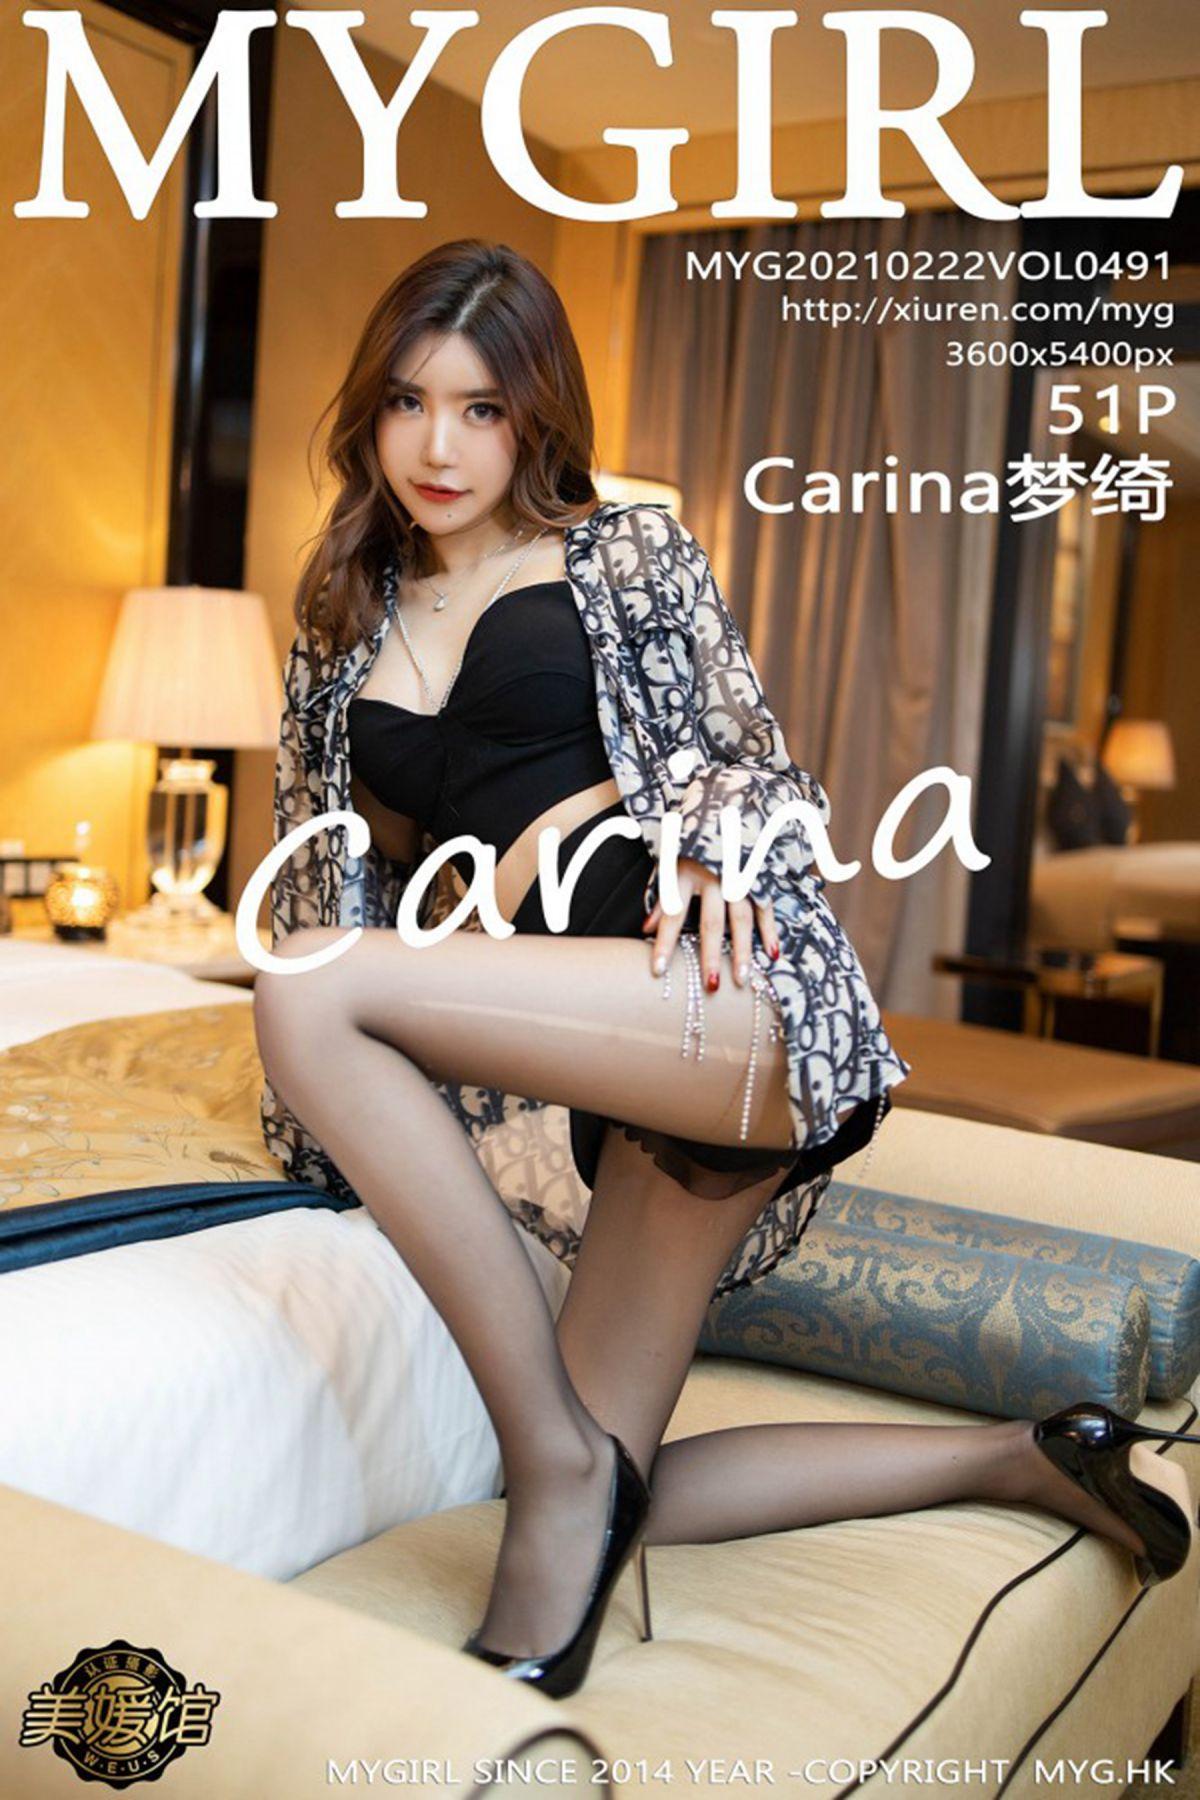 MyGirl美媛馆 Vol.491 Carina Meng Qi